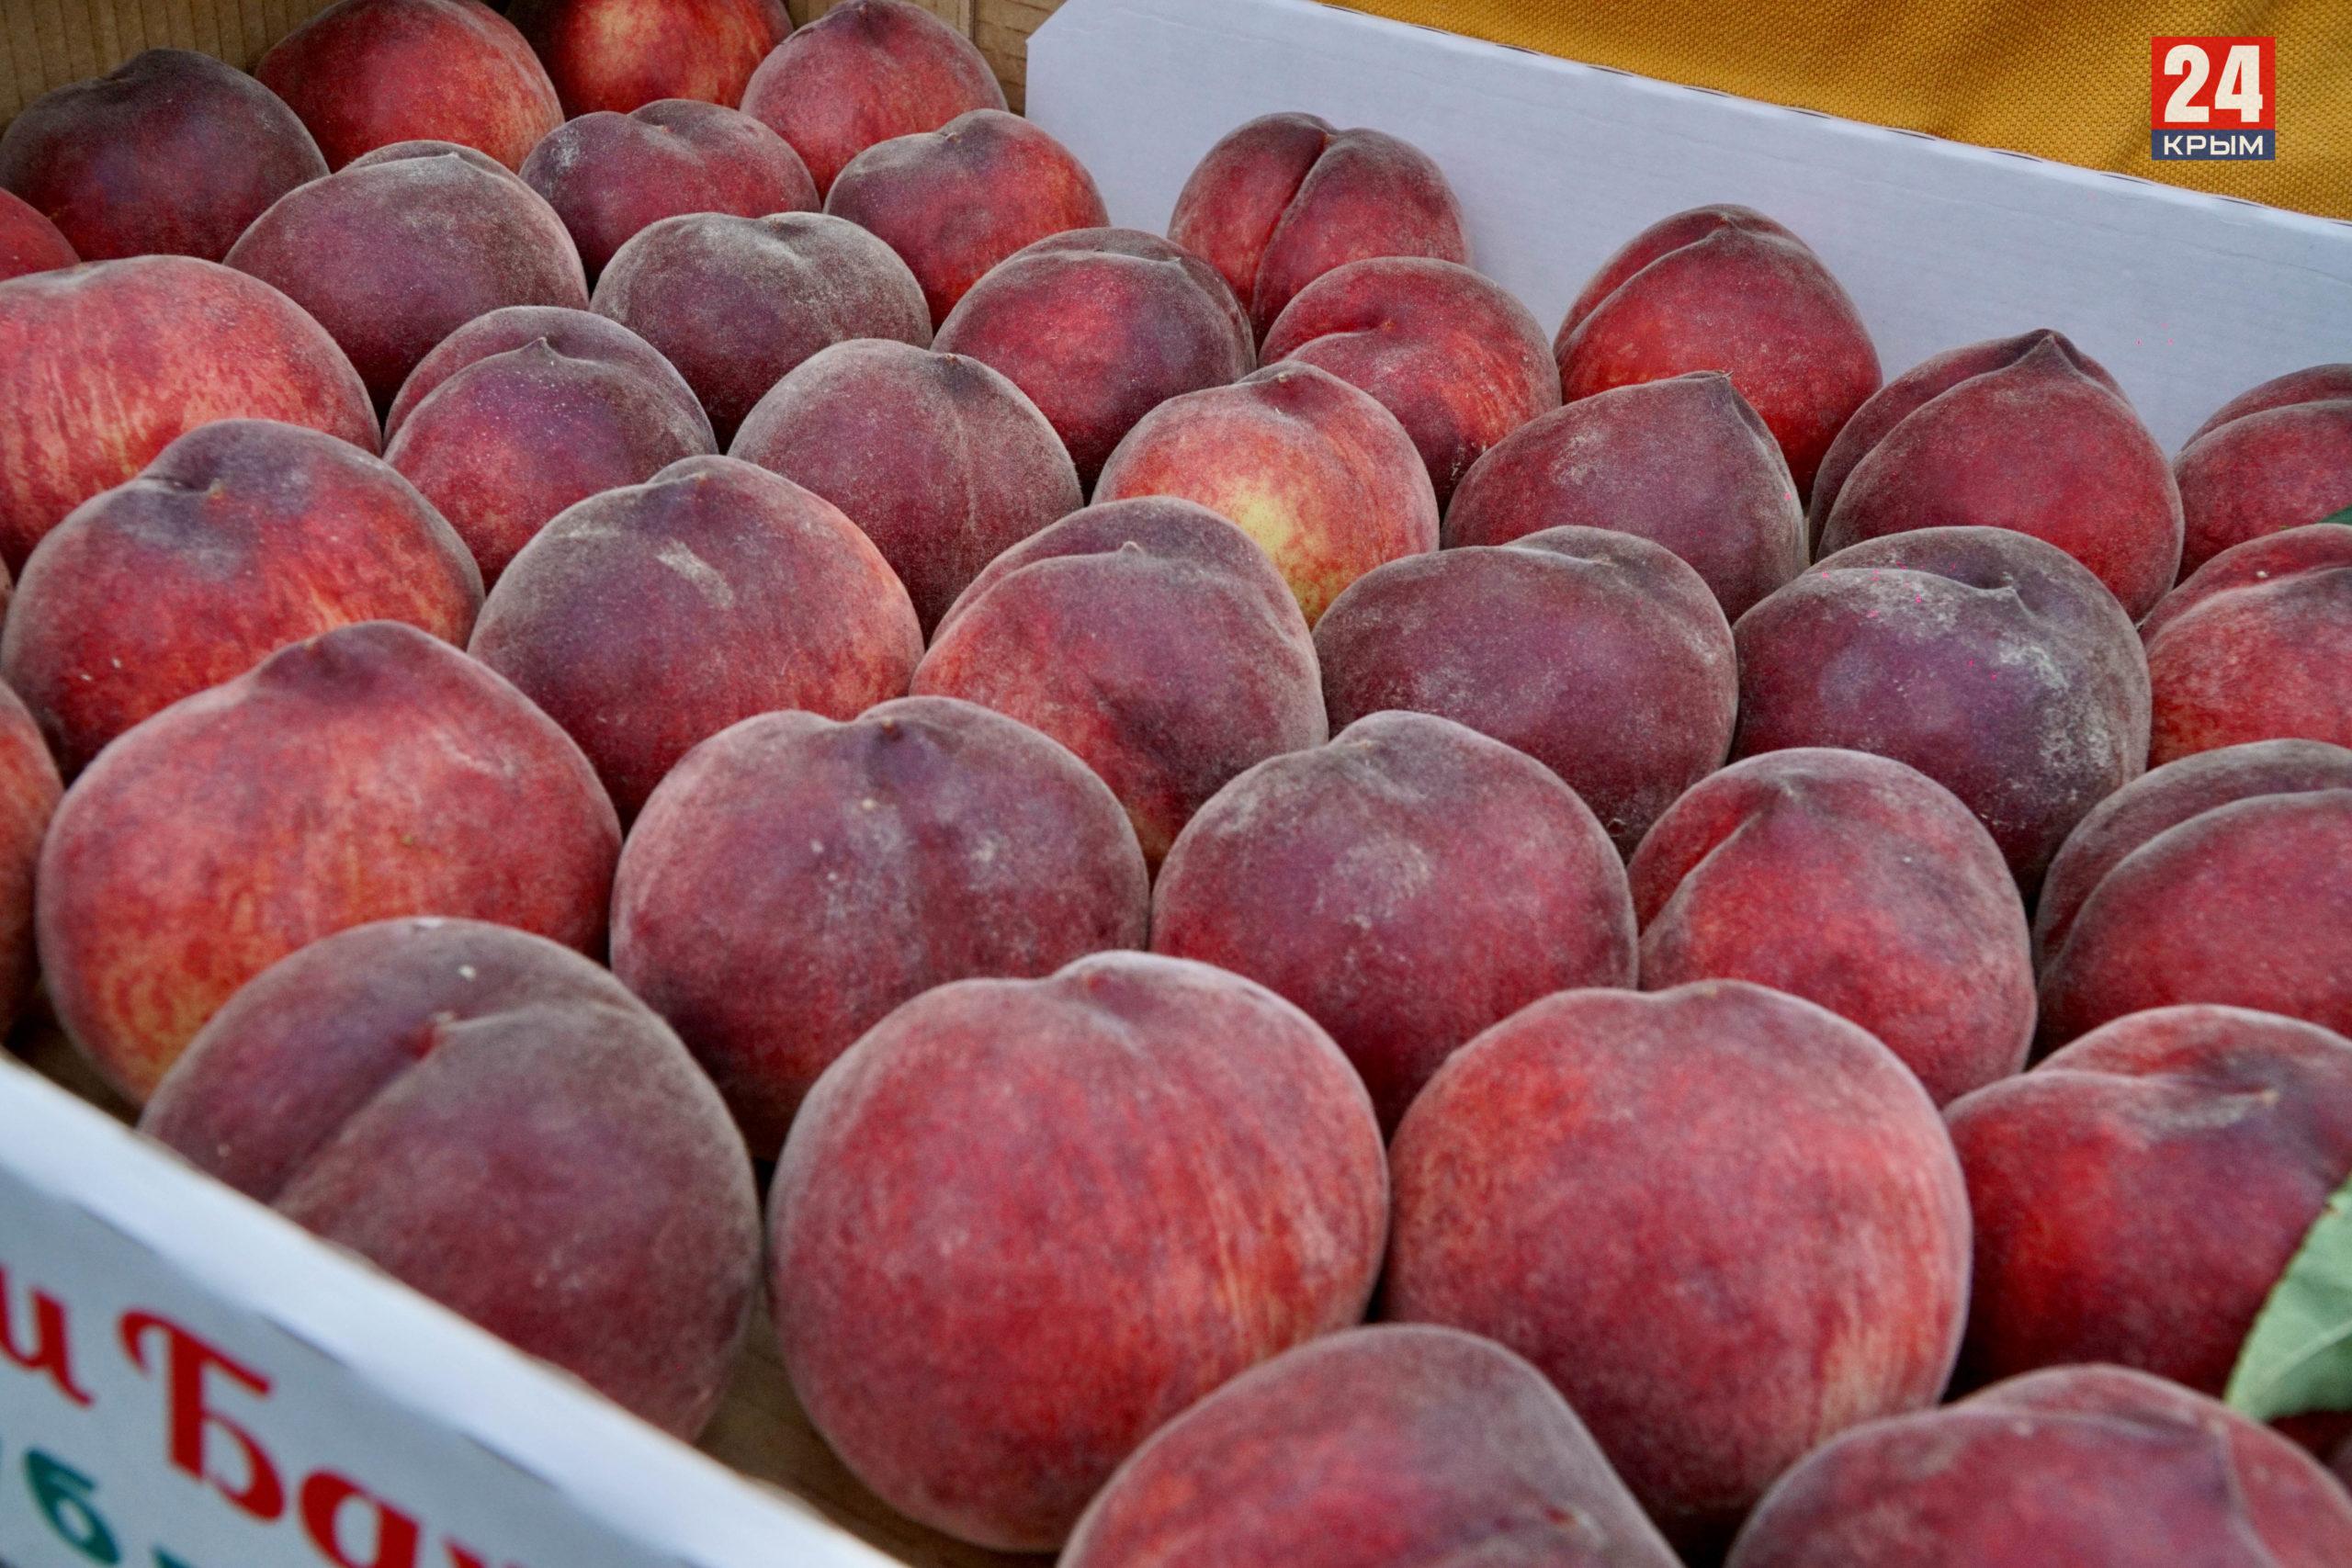 В Крыму началась уборка персиков. Фоторепортаж